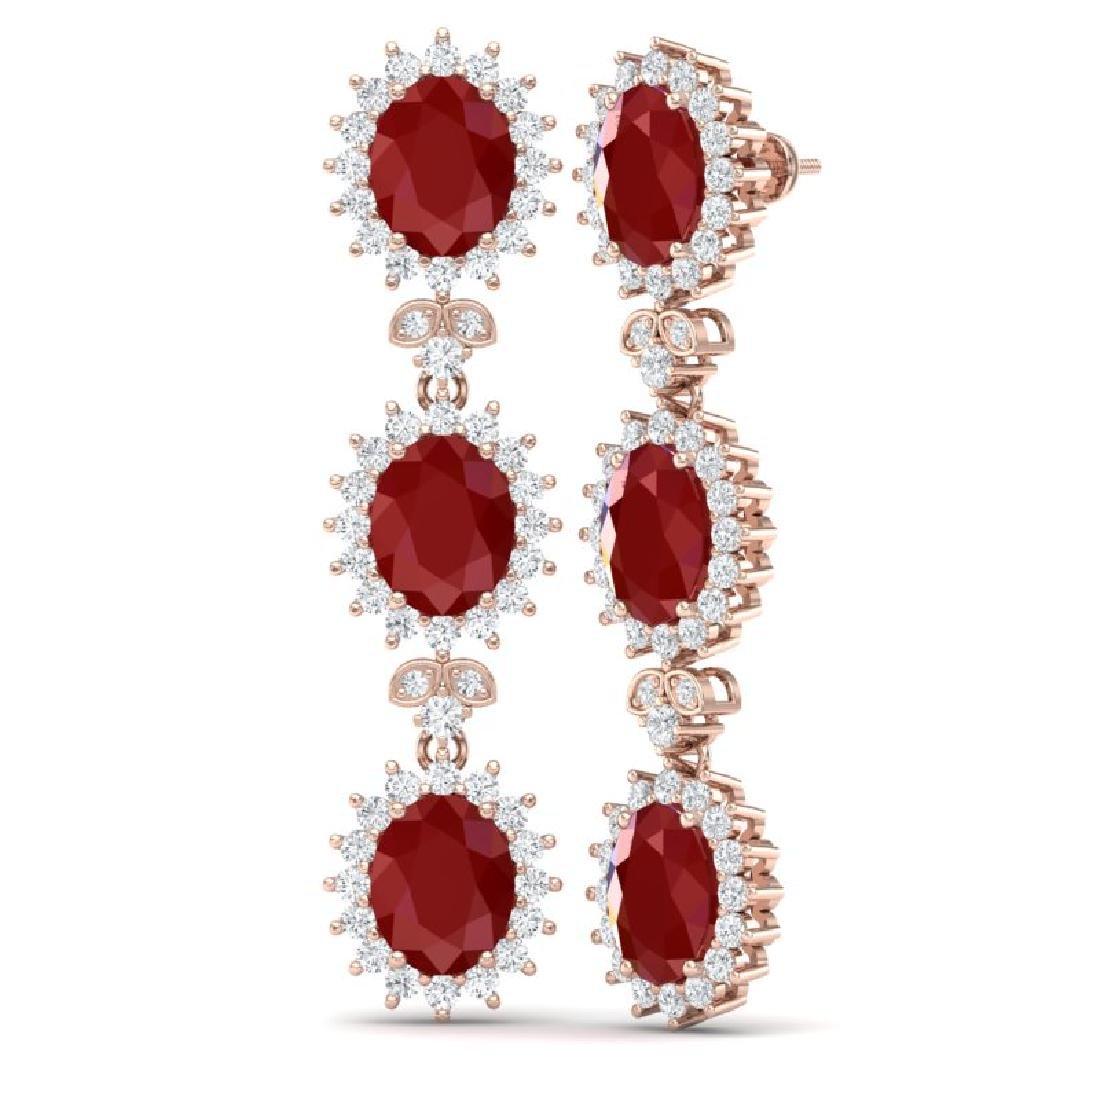 24.52 CTW Royalty Designer Ruby & VS Diamond Earrings - 3